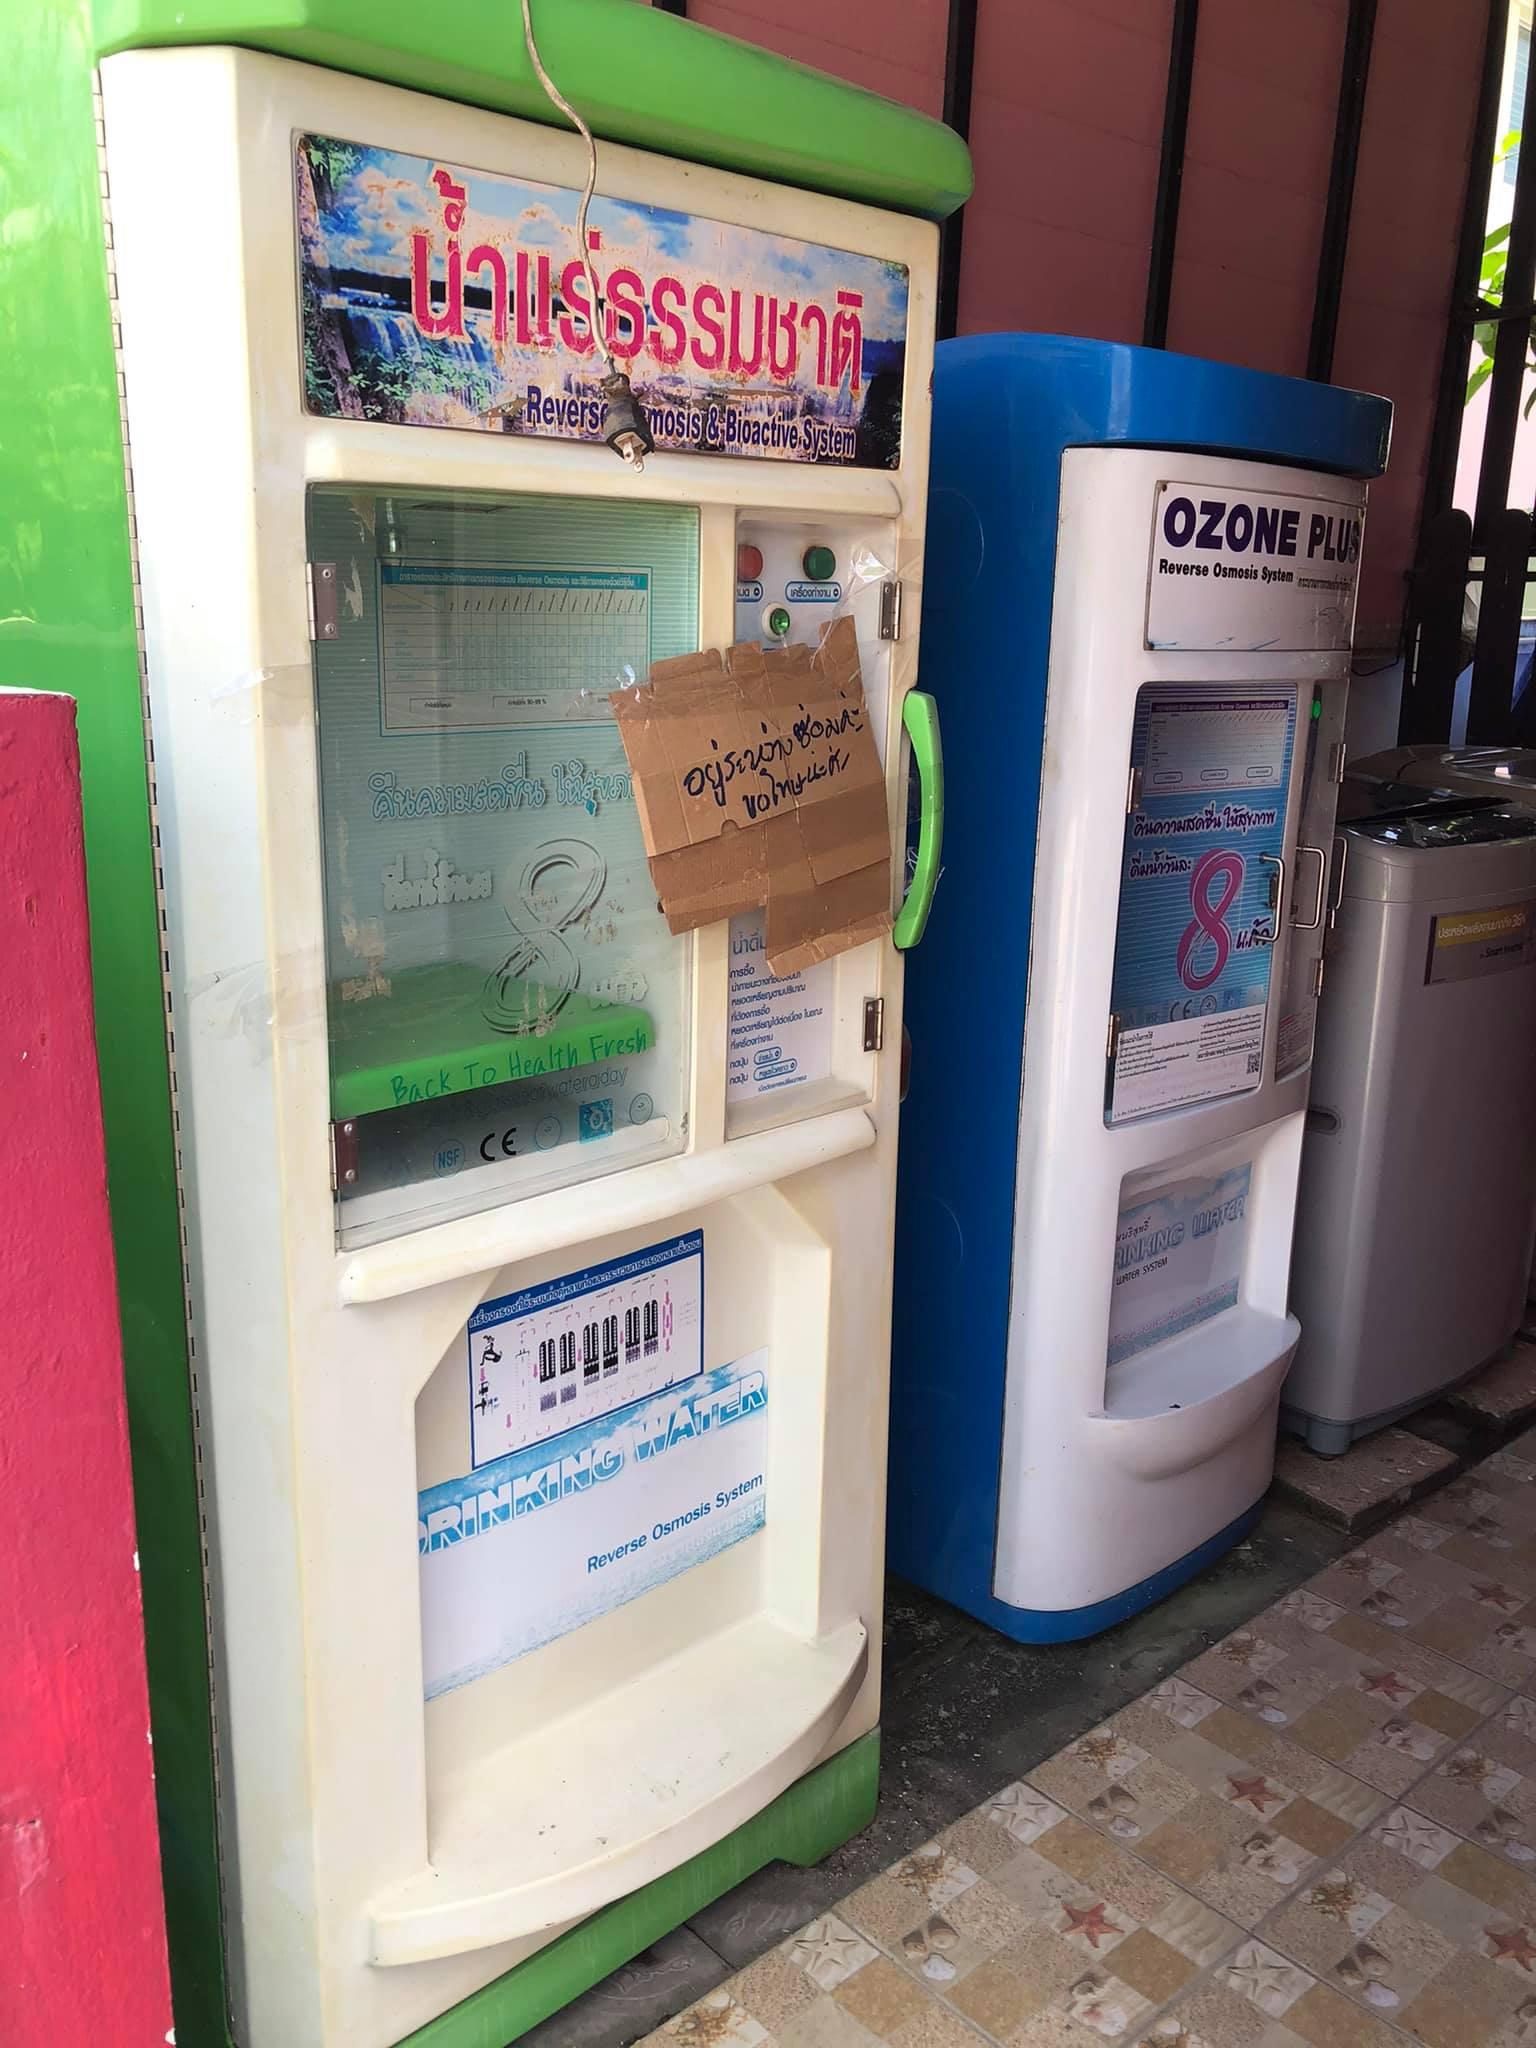 ซ่อมตู้น้ำดื่มหยอดเหรียญ หยอดเหรียญ น้ำไม่จ่าย เปลี่ยนปั้มใหม่